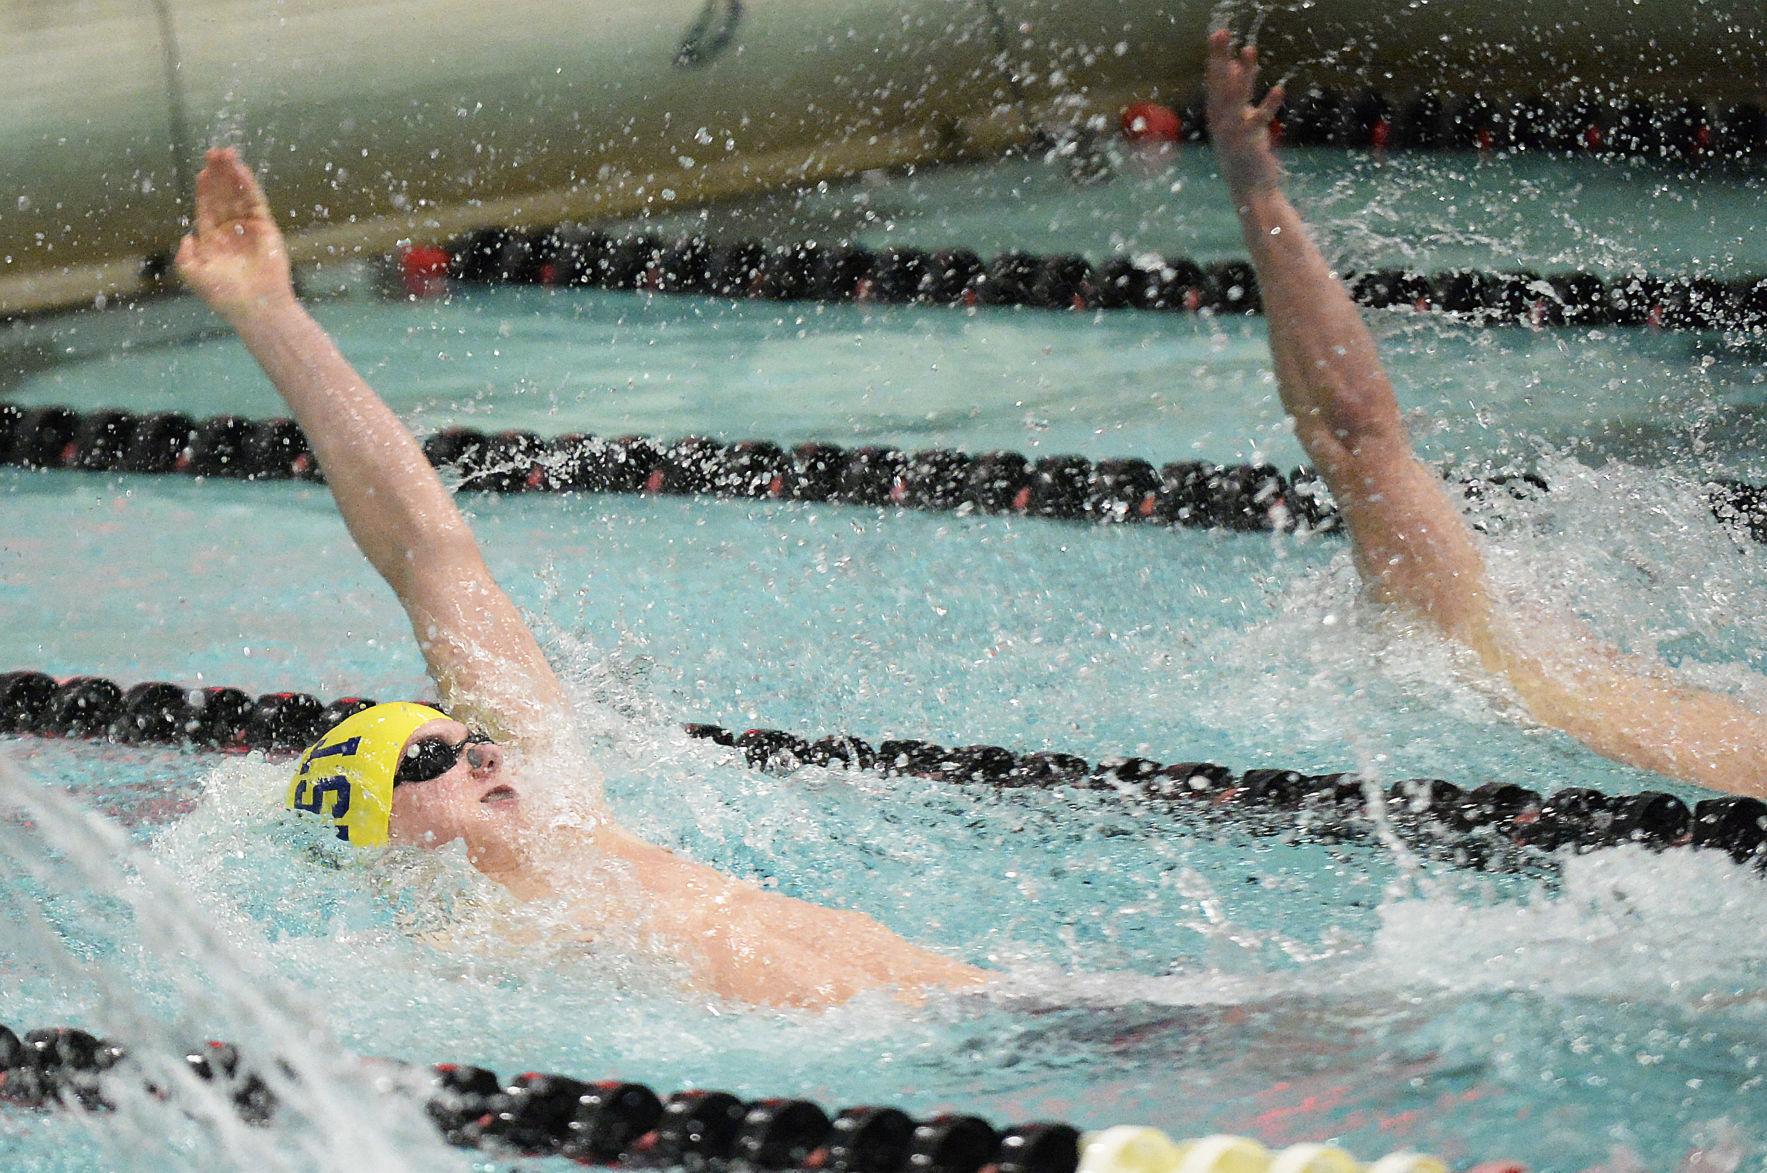 WIAA state boys swimming: Wes Jekel wins 2018 title in 100 backstroke